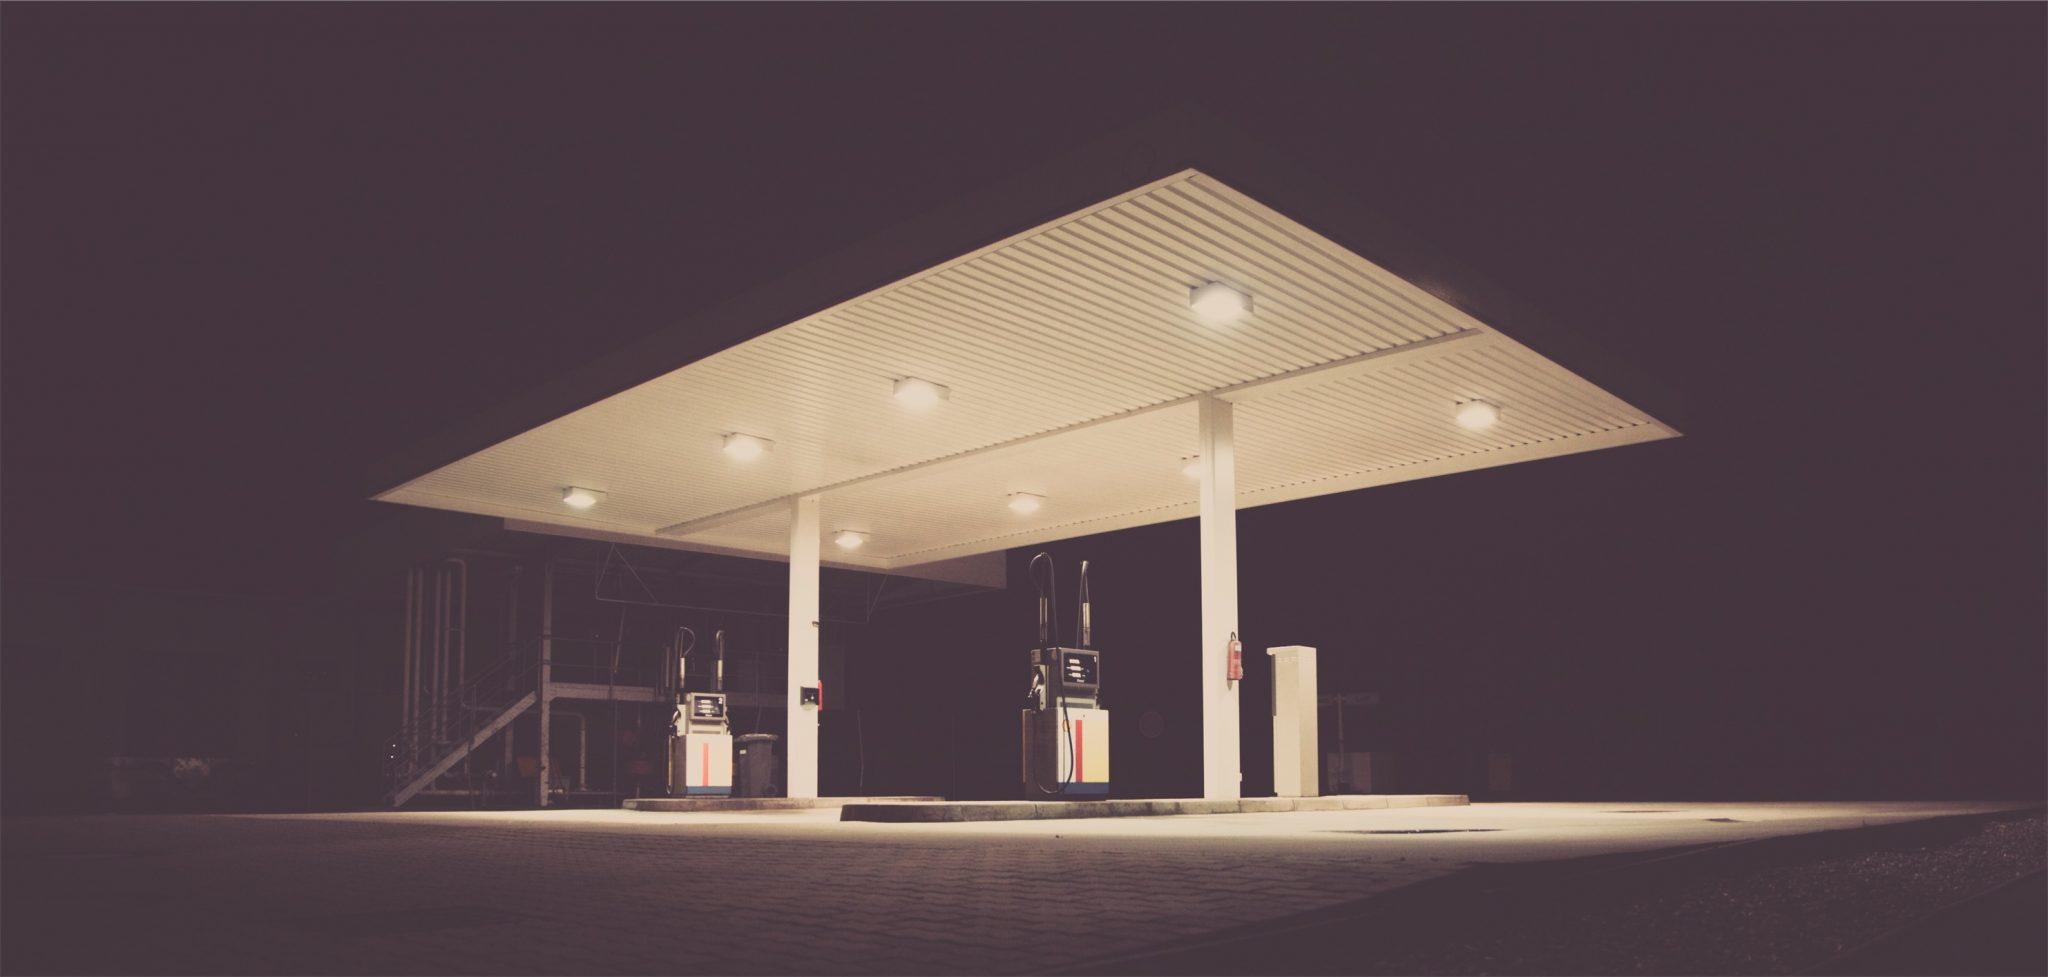 defeito de funcionamento - combustível